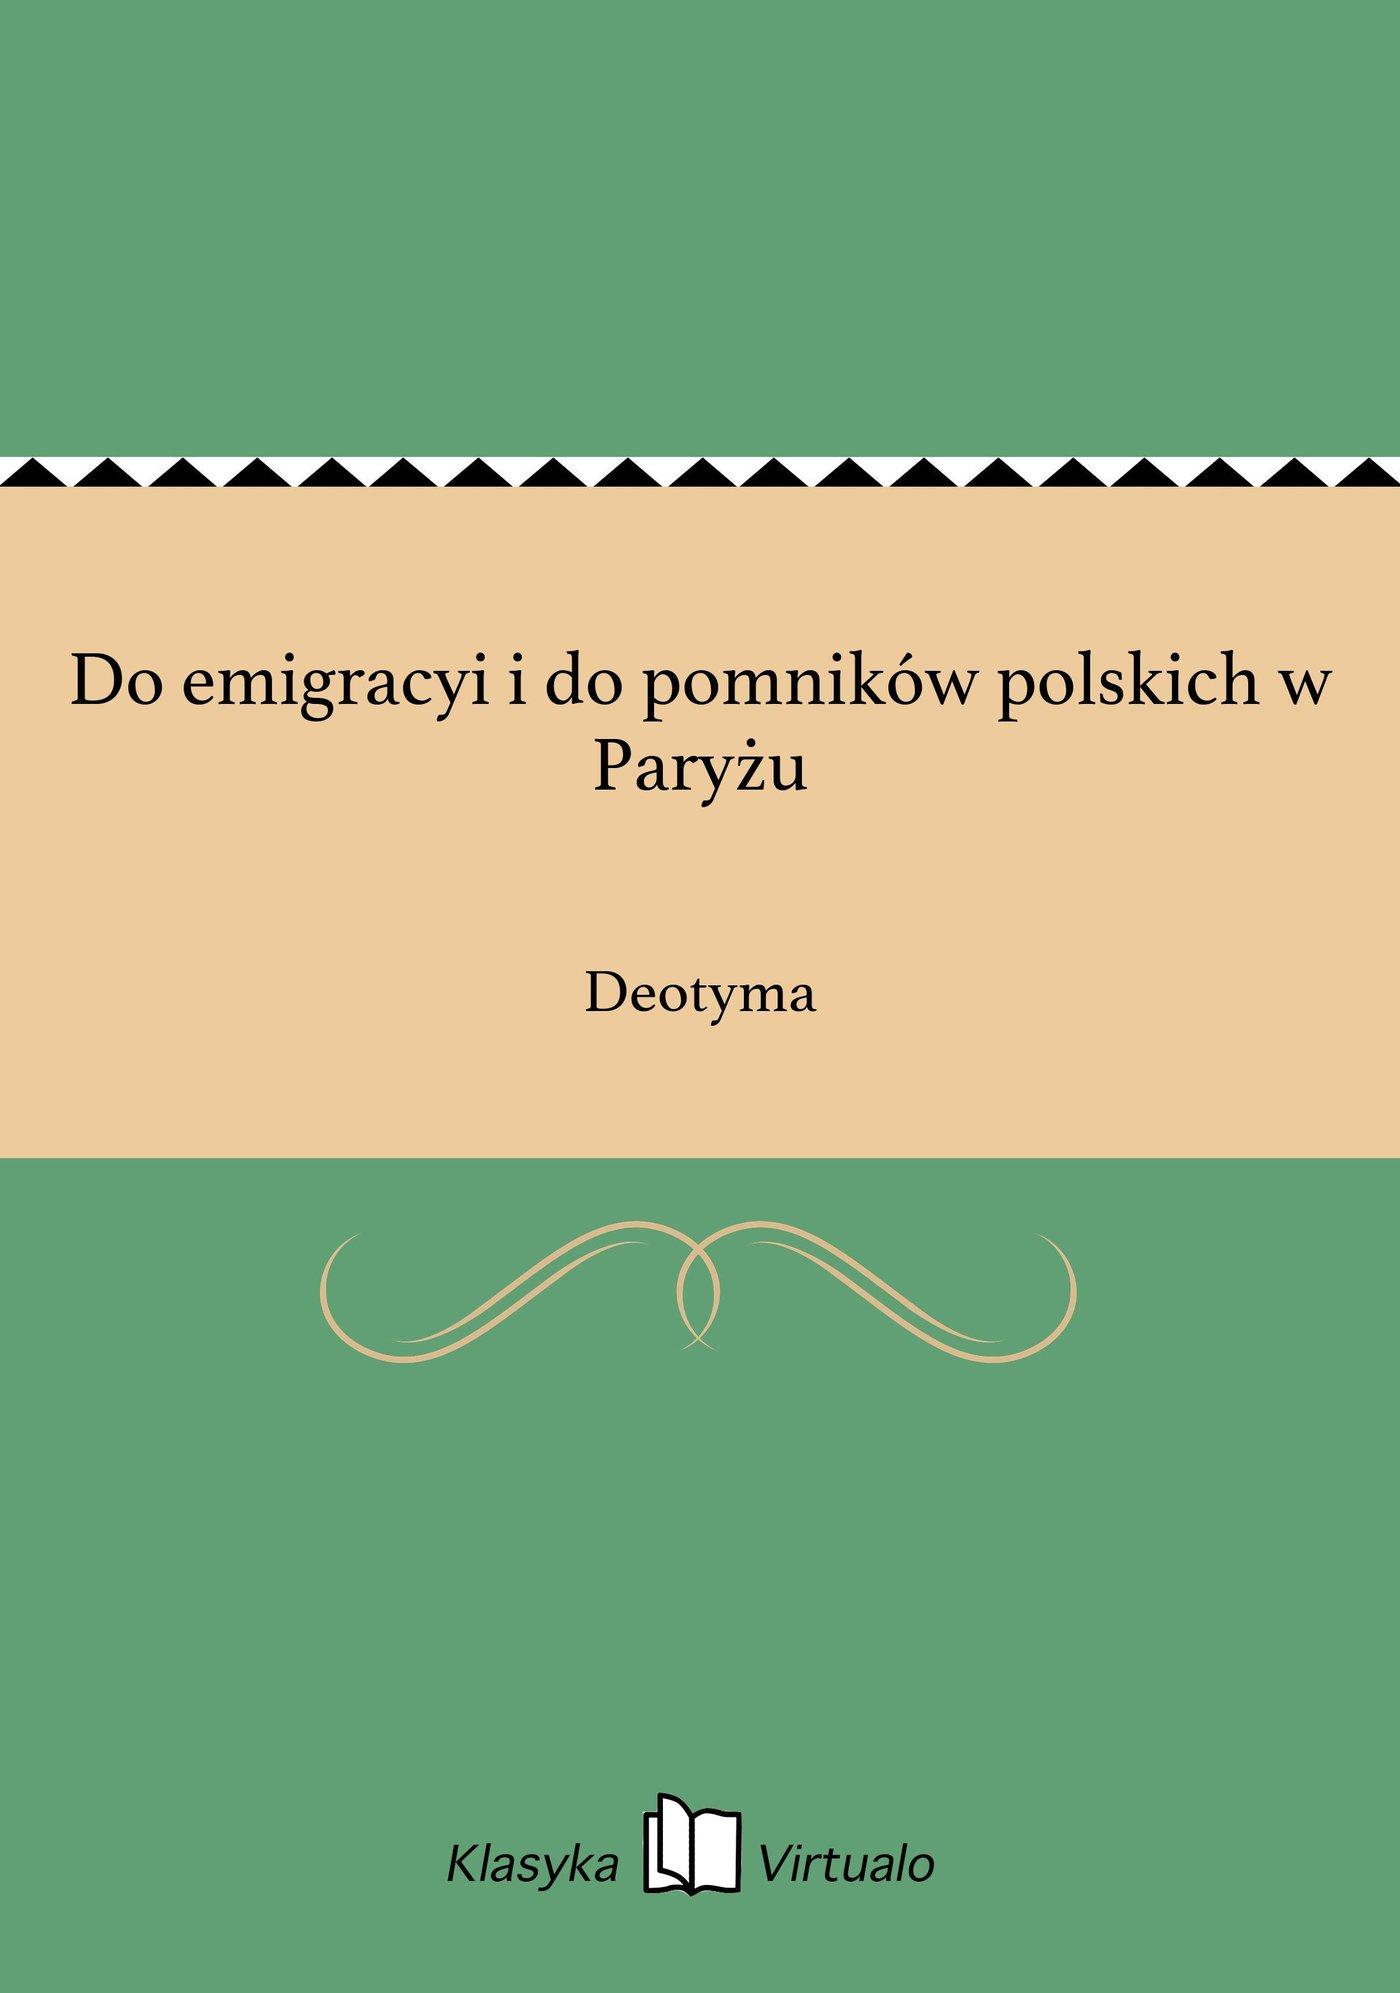 Do emigracyi i do pomników polskich w Paryżu - Ebook (Książka na Kindle) do pobrania w formacie MOBI